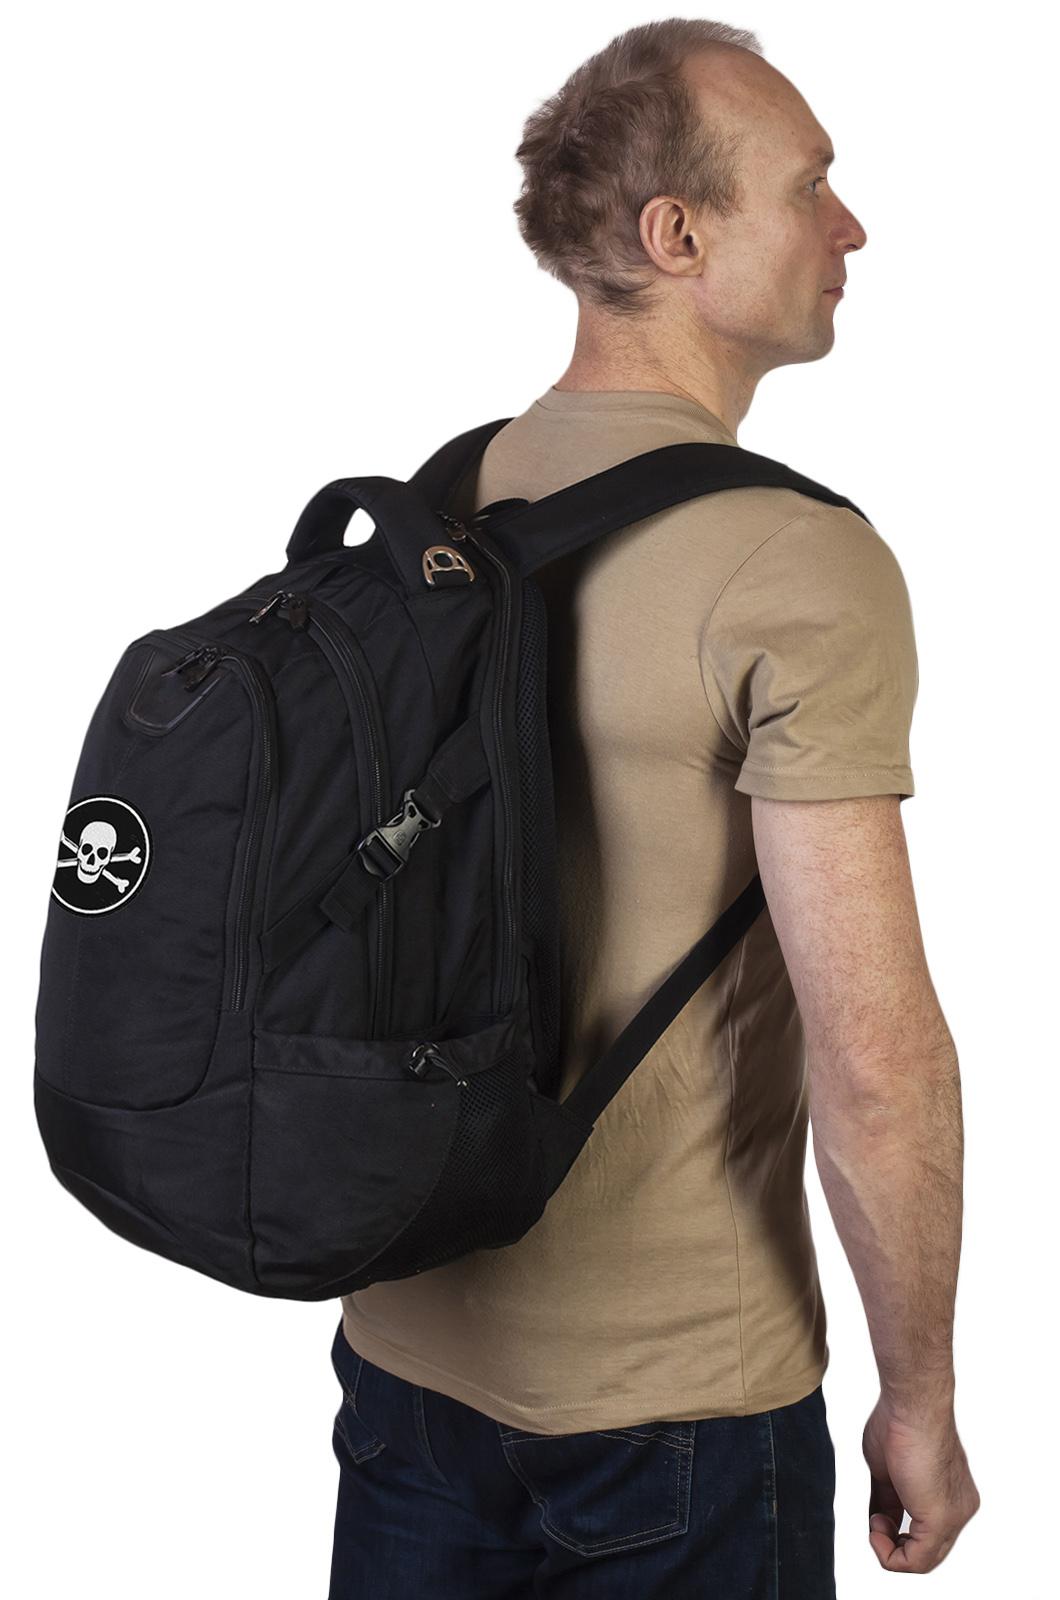 Крутой надежный рюкзак с нашивкой Пиратский флаг - купить в подарок